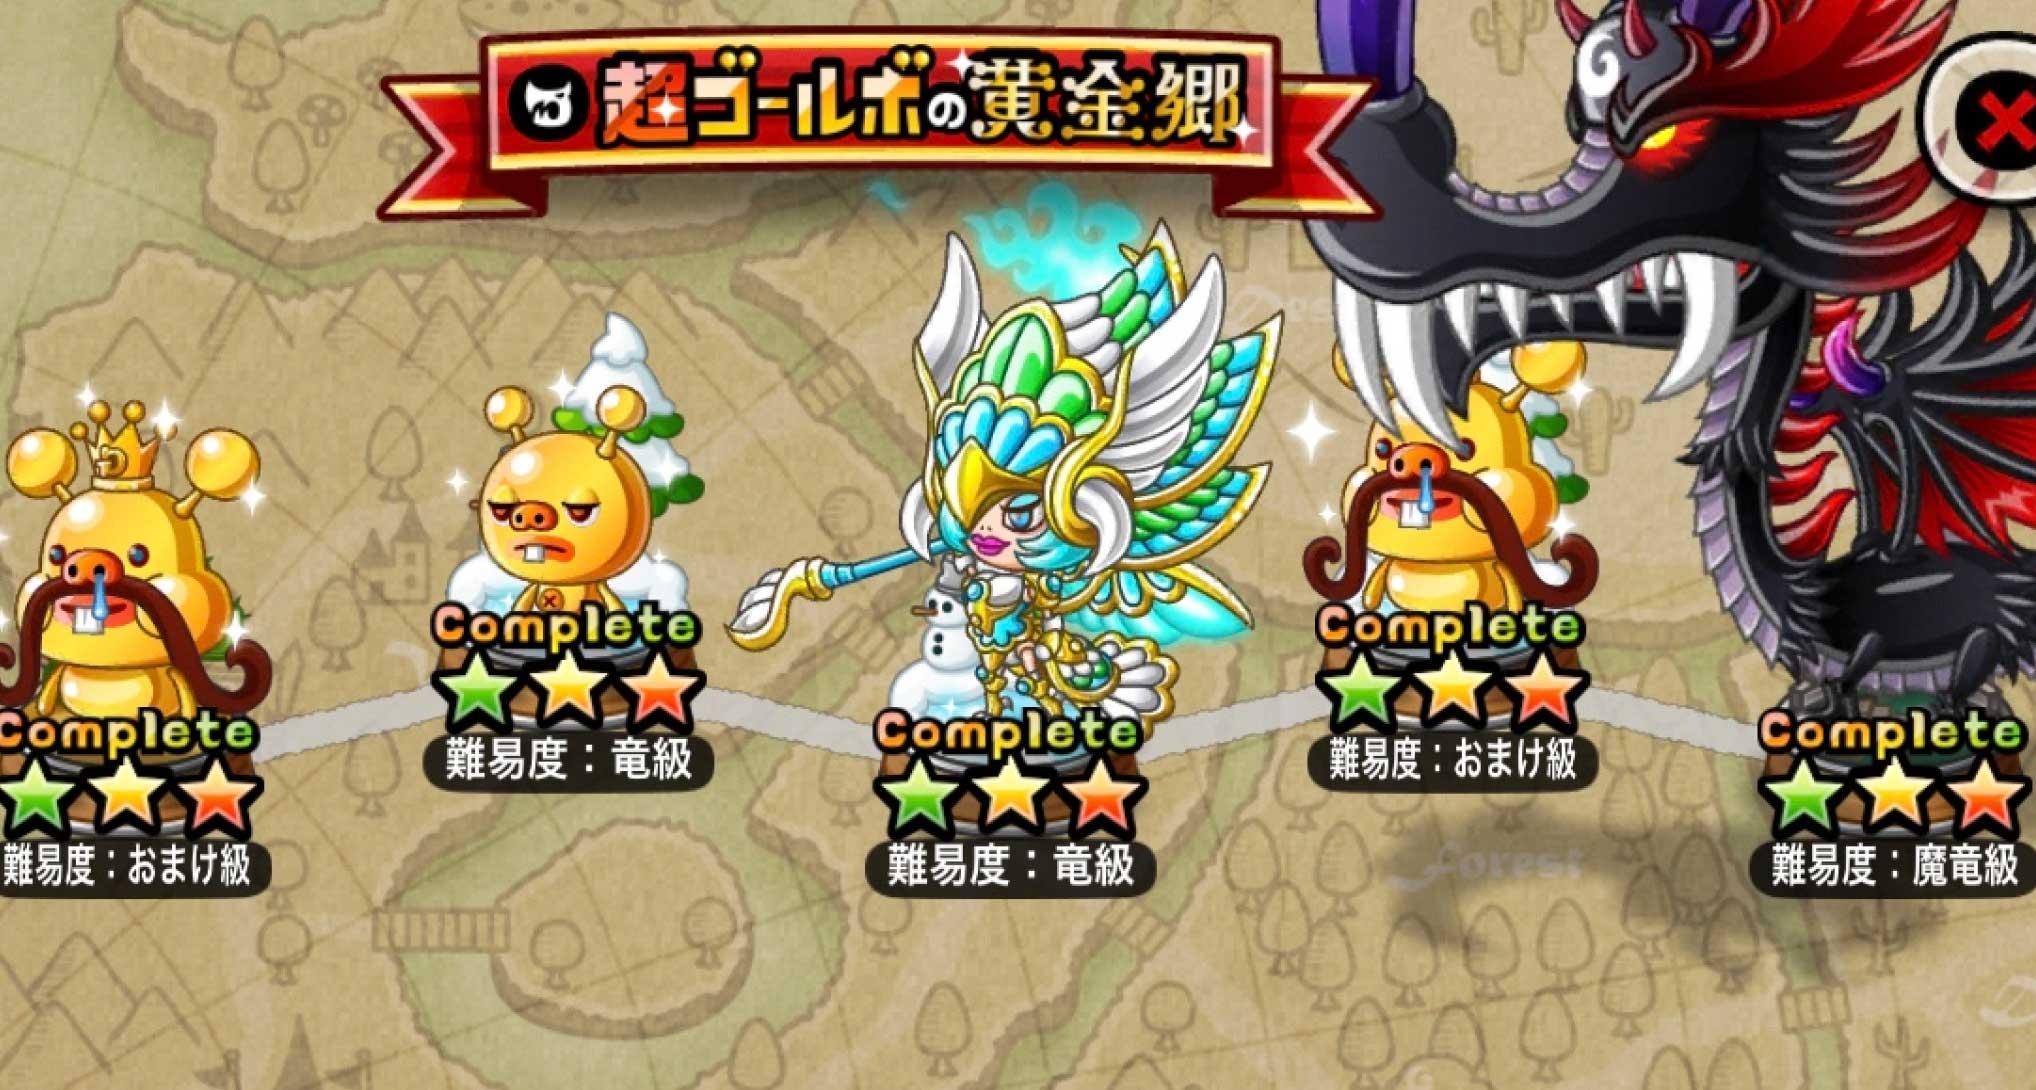 【城ドラ】超ゴールボの黄金郷「魔竜級」攻略。報酬はキーンだけど難易度最高【城とドラゴン】